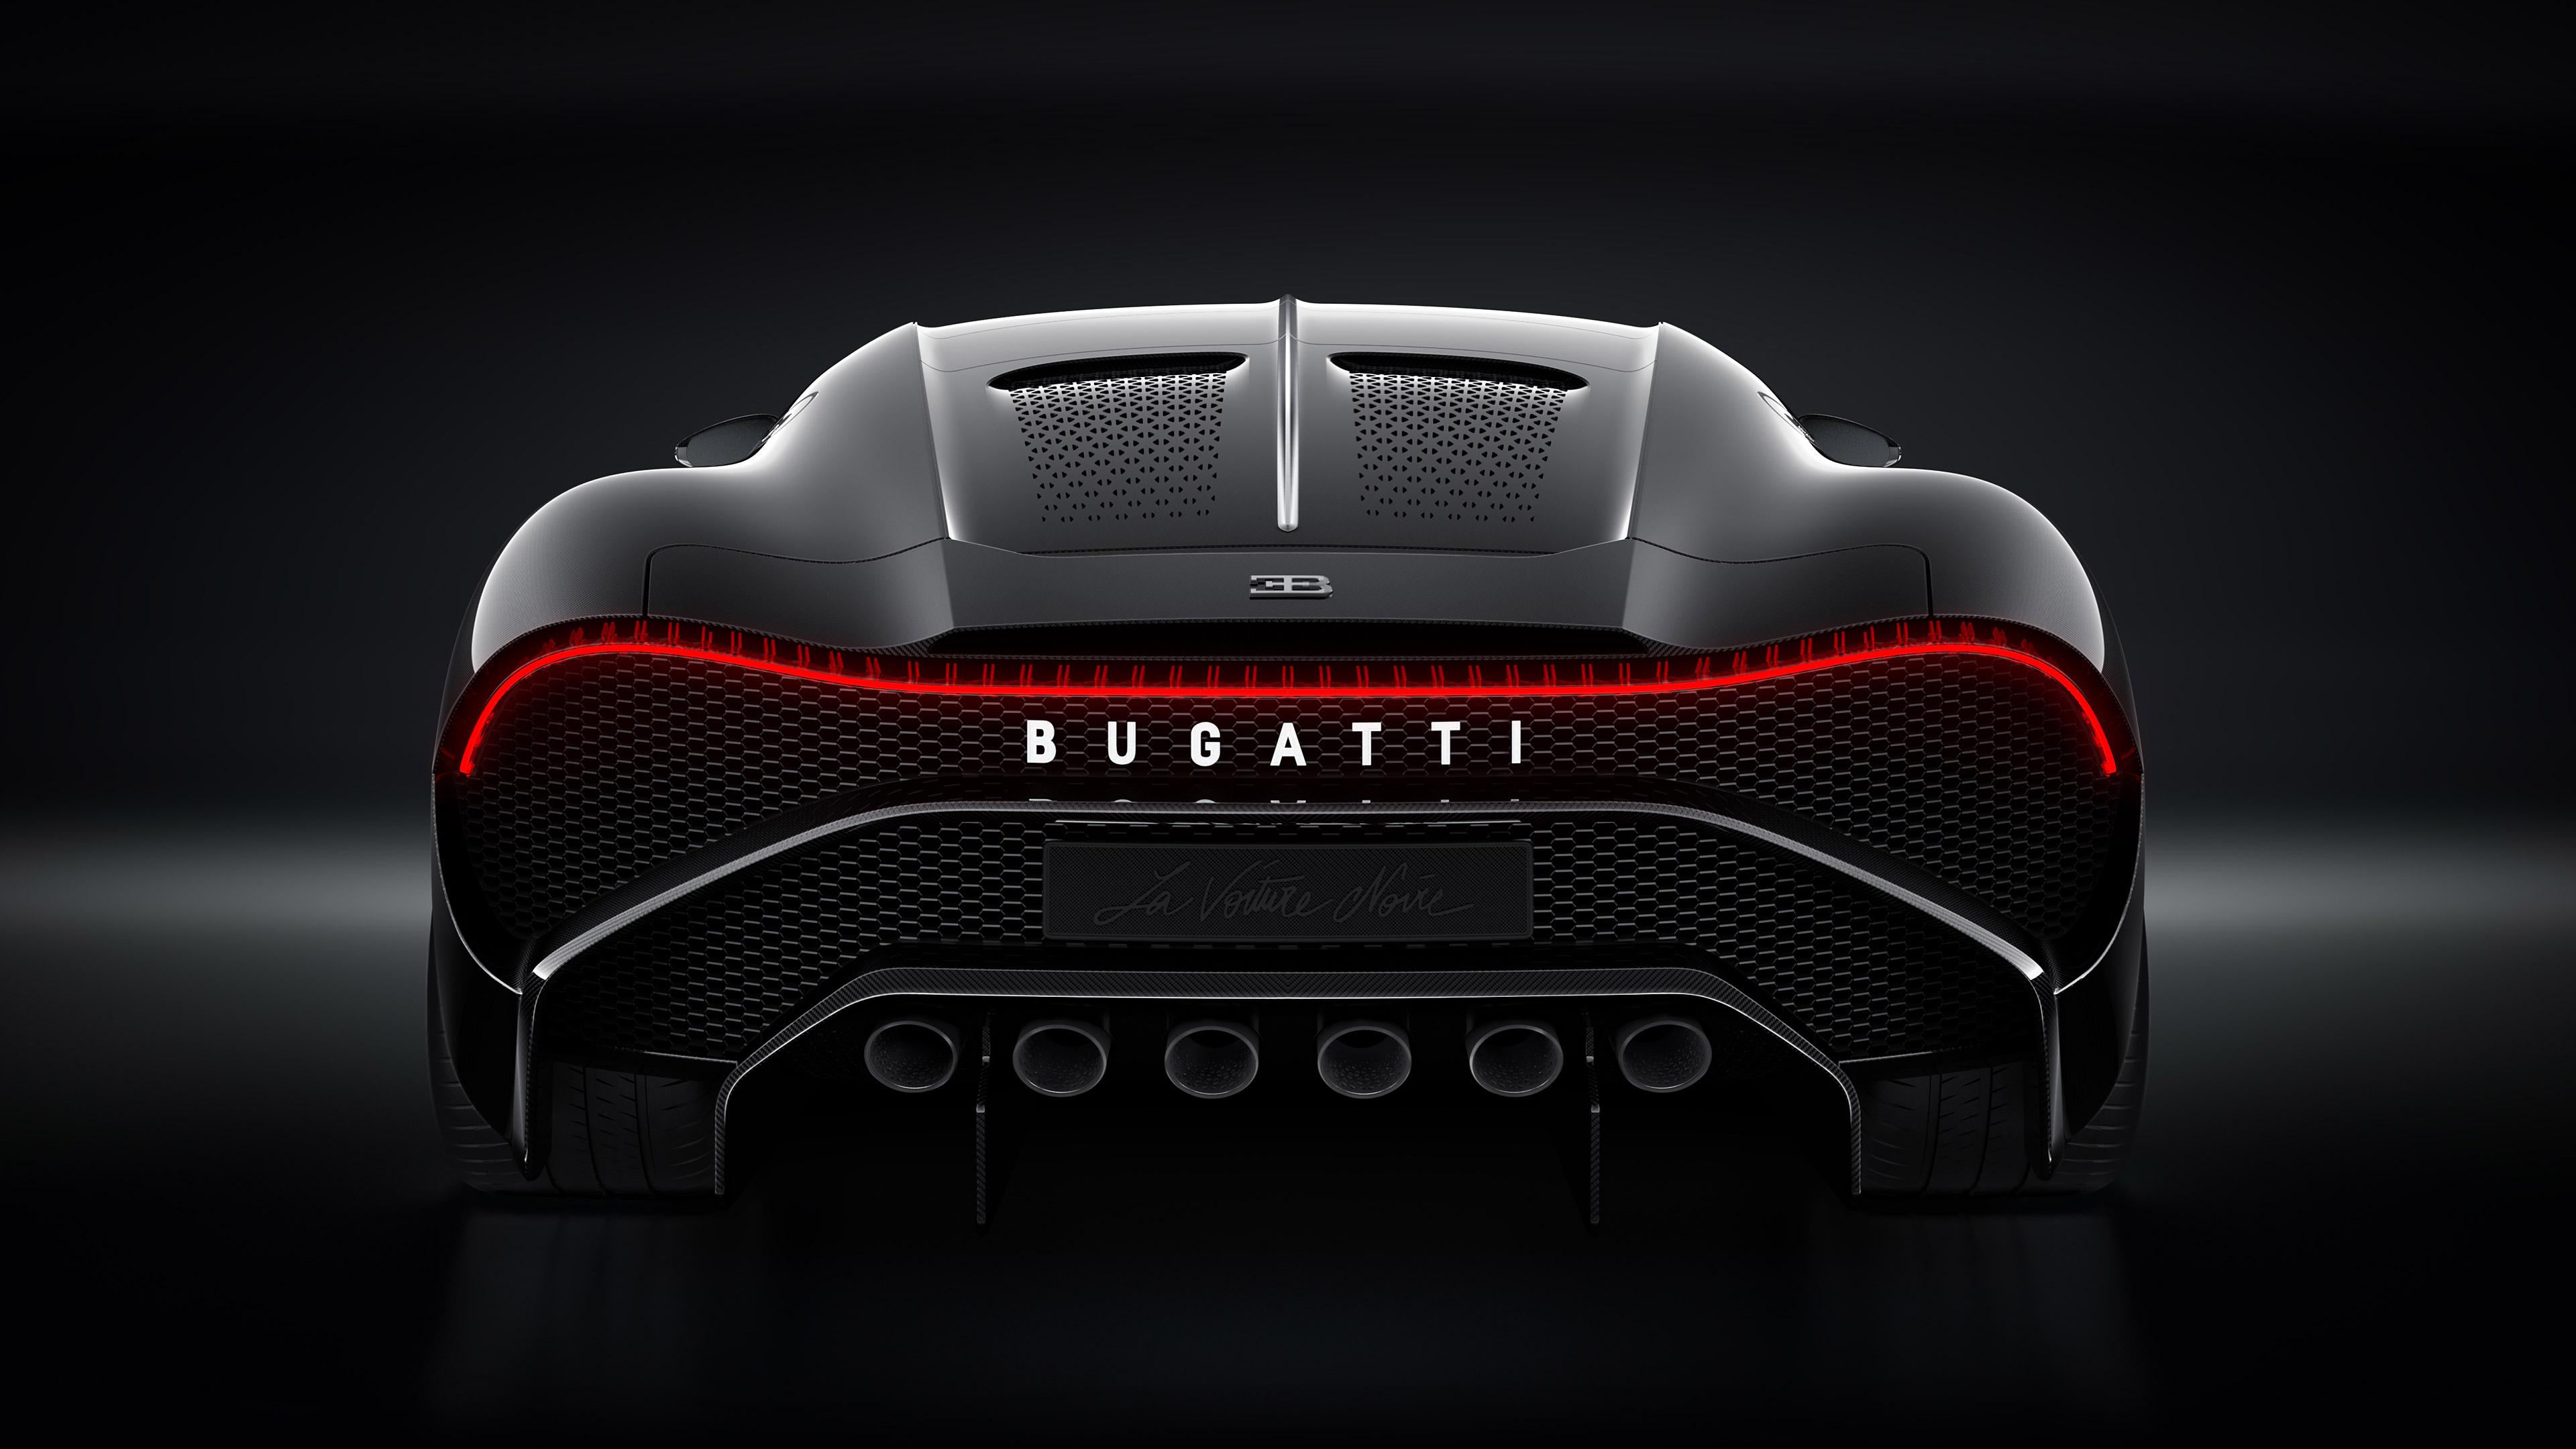 2019 Bugatti La Voiture Noire new 2019 - Bugatti La Voiture Noire Rear 2019 - bugatti wallpapers 4k, Bugatti voiture wallpaper 2019, Bugatti La wallpaper 4k, Bugatti La Voiture Noire 2019 4k wallpaper